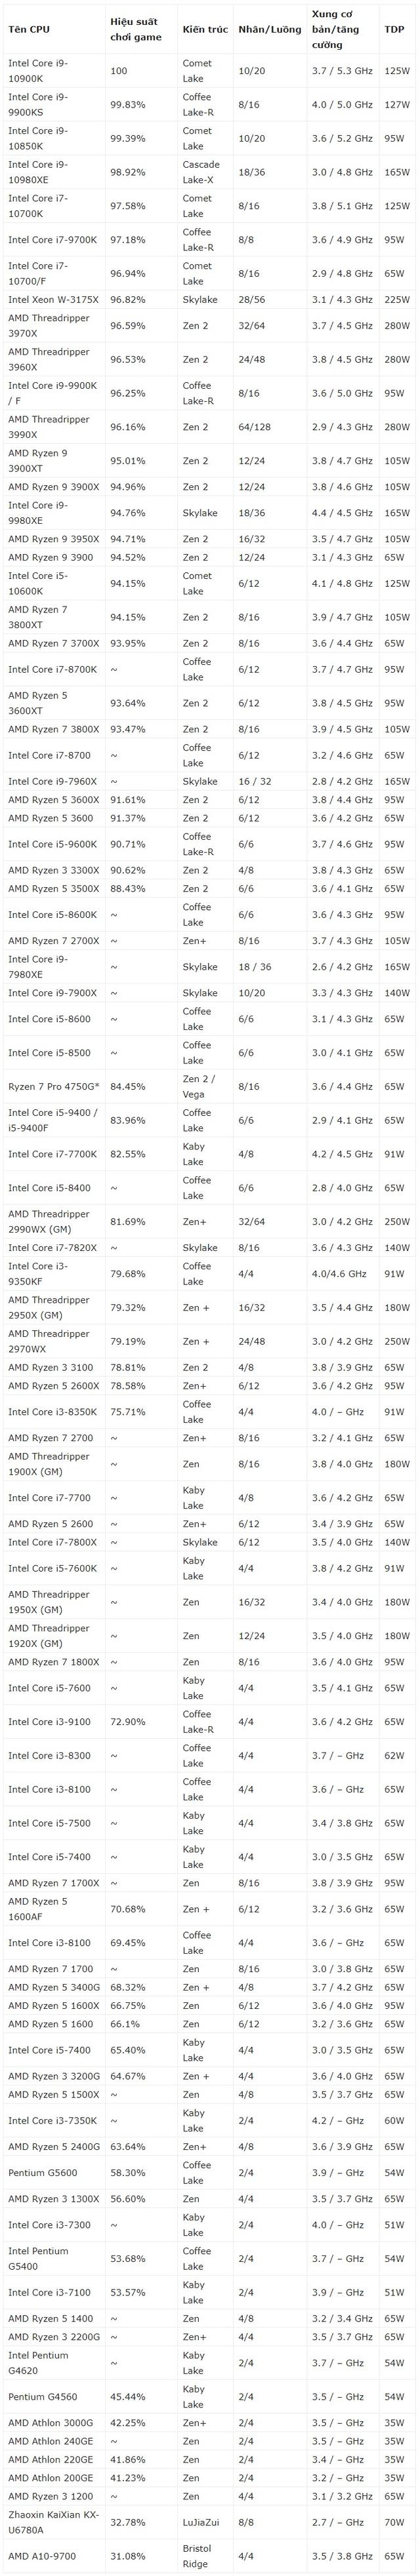 Bảng xếp hạng hiệu năng CPU 2020 - Ảnh 2.